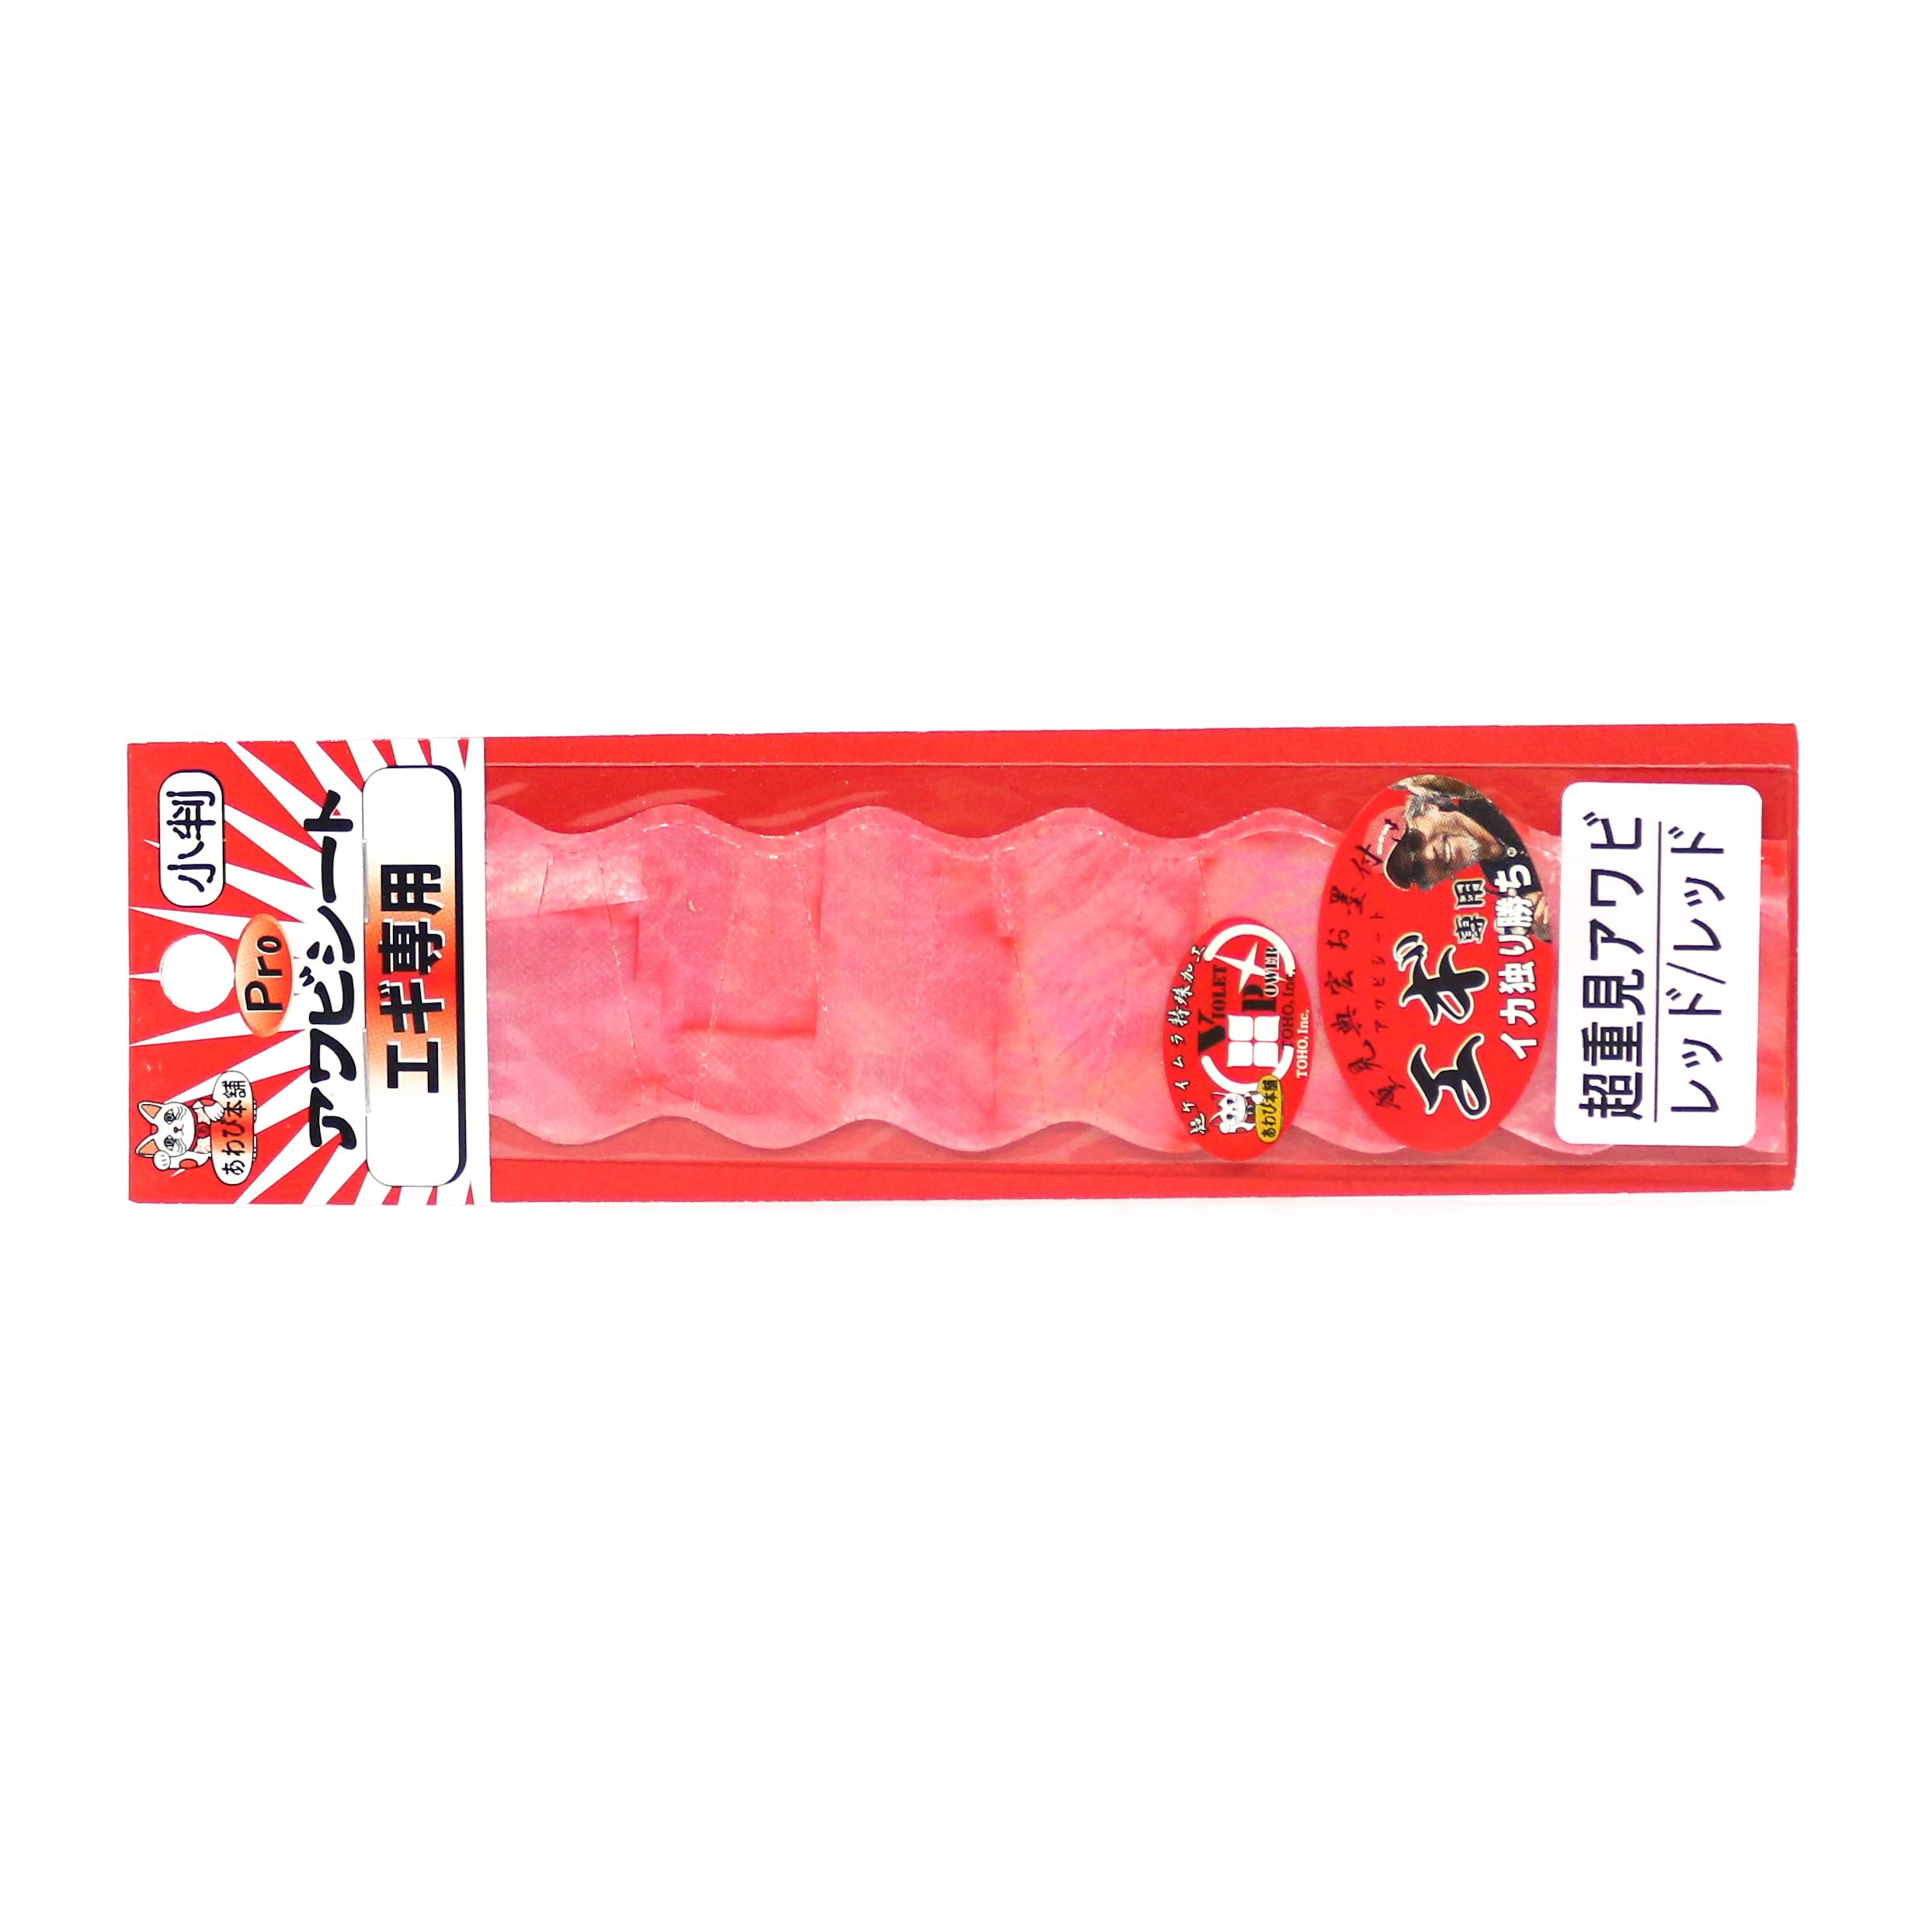 Awabi Honpo Pro Awabi Sheet Shigemi Size S 40 x 140 mm Red/Red (1043)